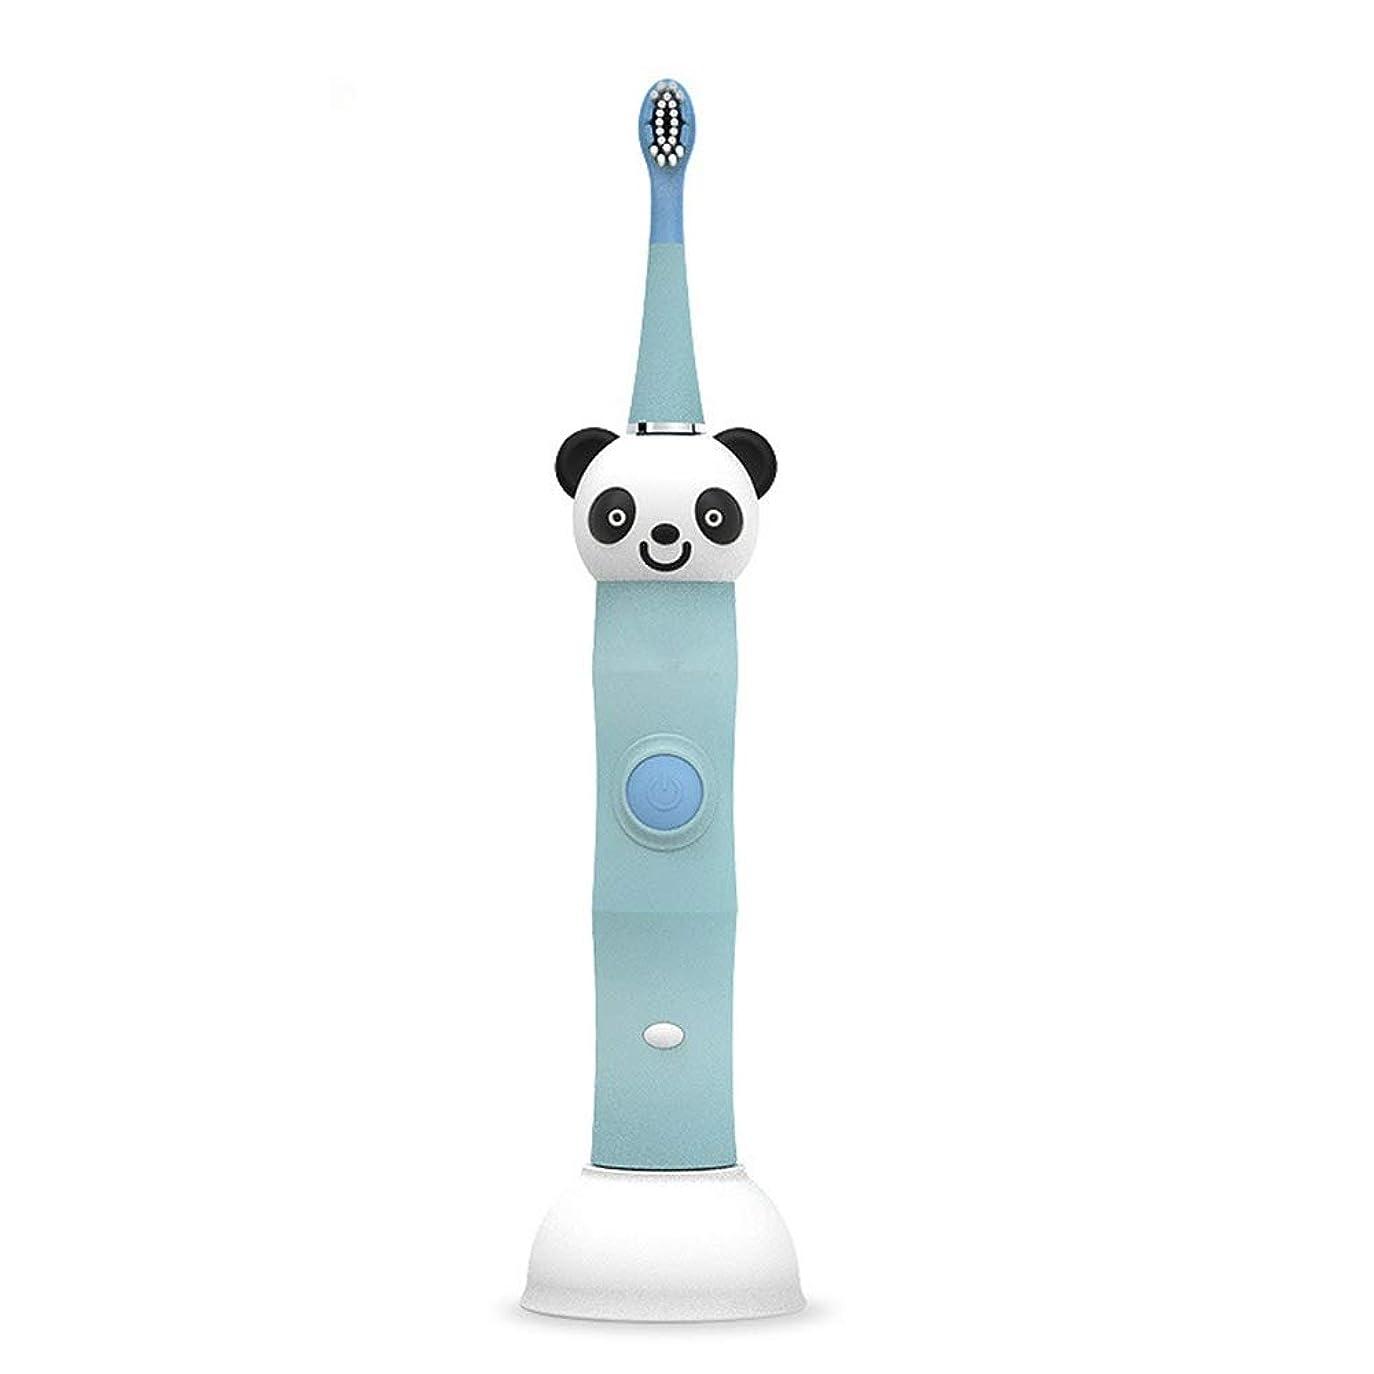 見えるミトンエスカレート電動歯ブラシ 毎日の使用のためのUSBの充満基盤の柔らかい毛のきれいな歯ブラシと防水子供の電動歯ブラシ 大人と子供向け (色 : 青, サイズ : Free size)